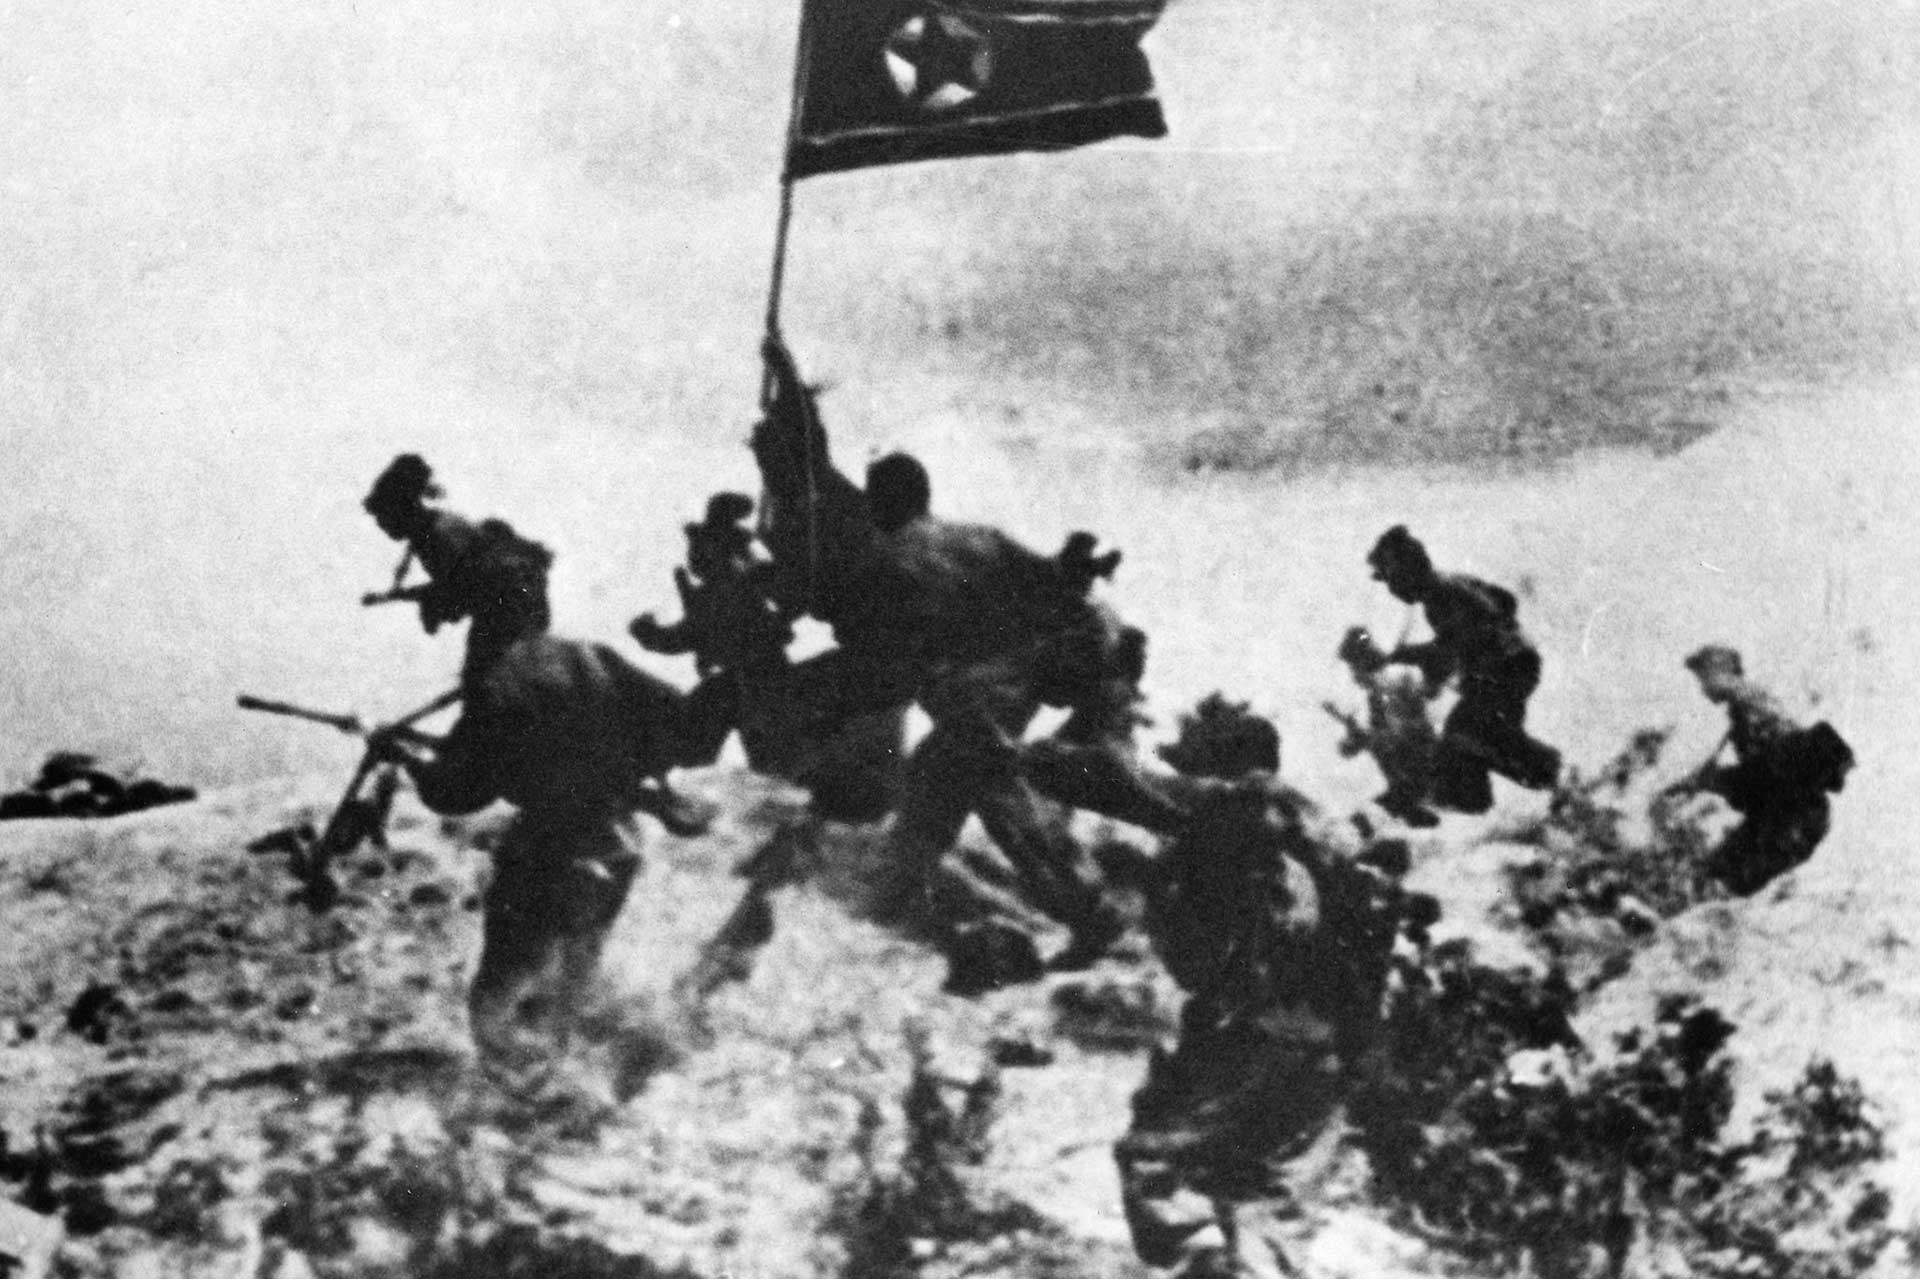 Guerra da Coreia (1950-1953)